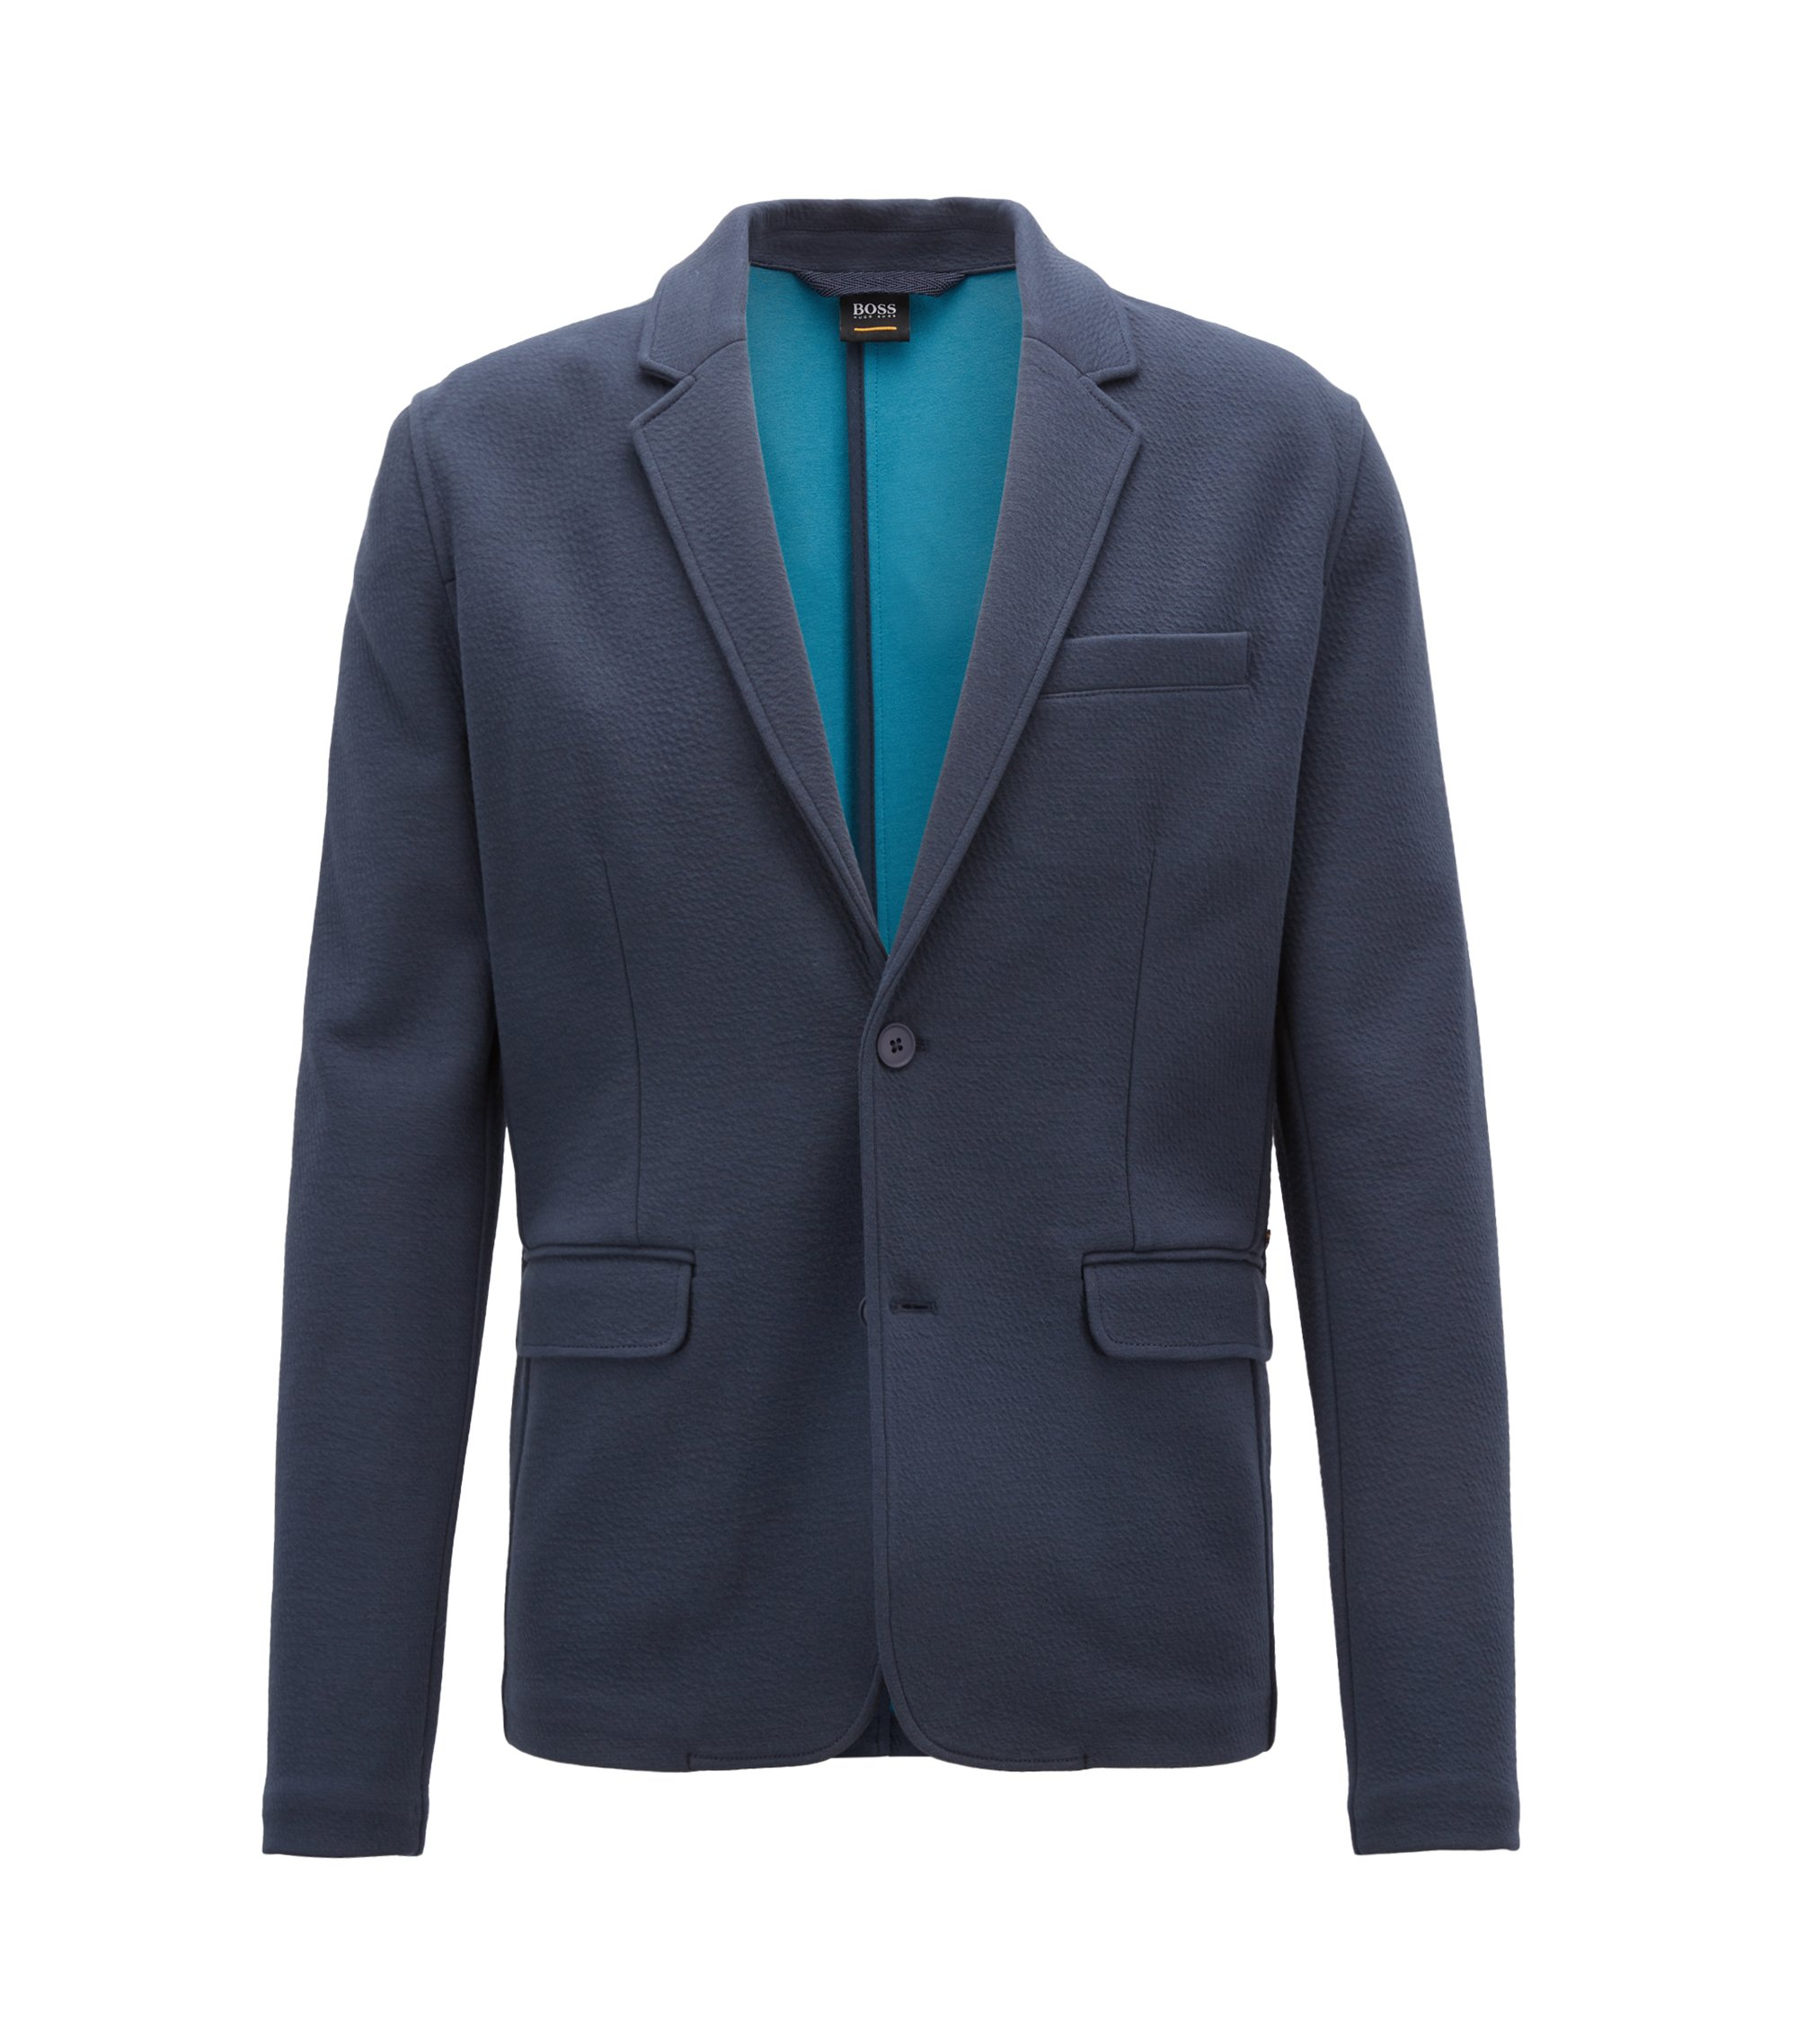 Blazer en jersey stretch rehaussé de couleur vive, Bleu foncé